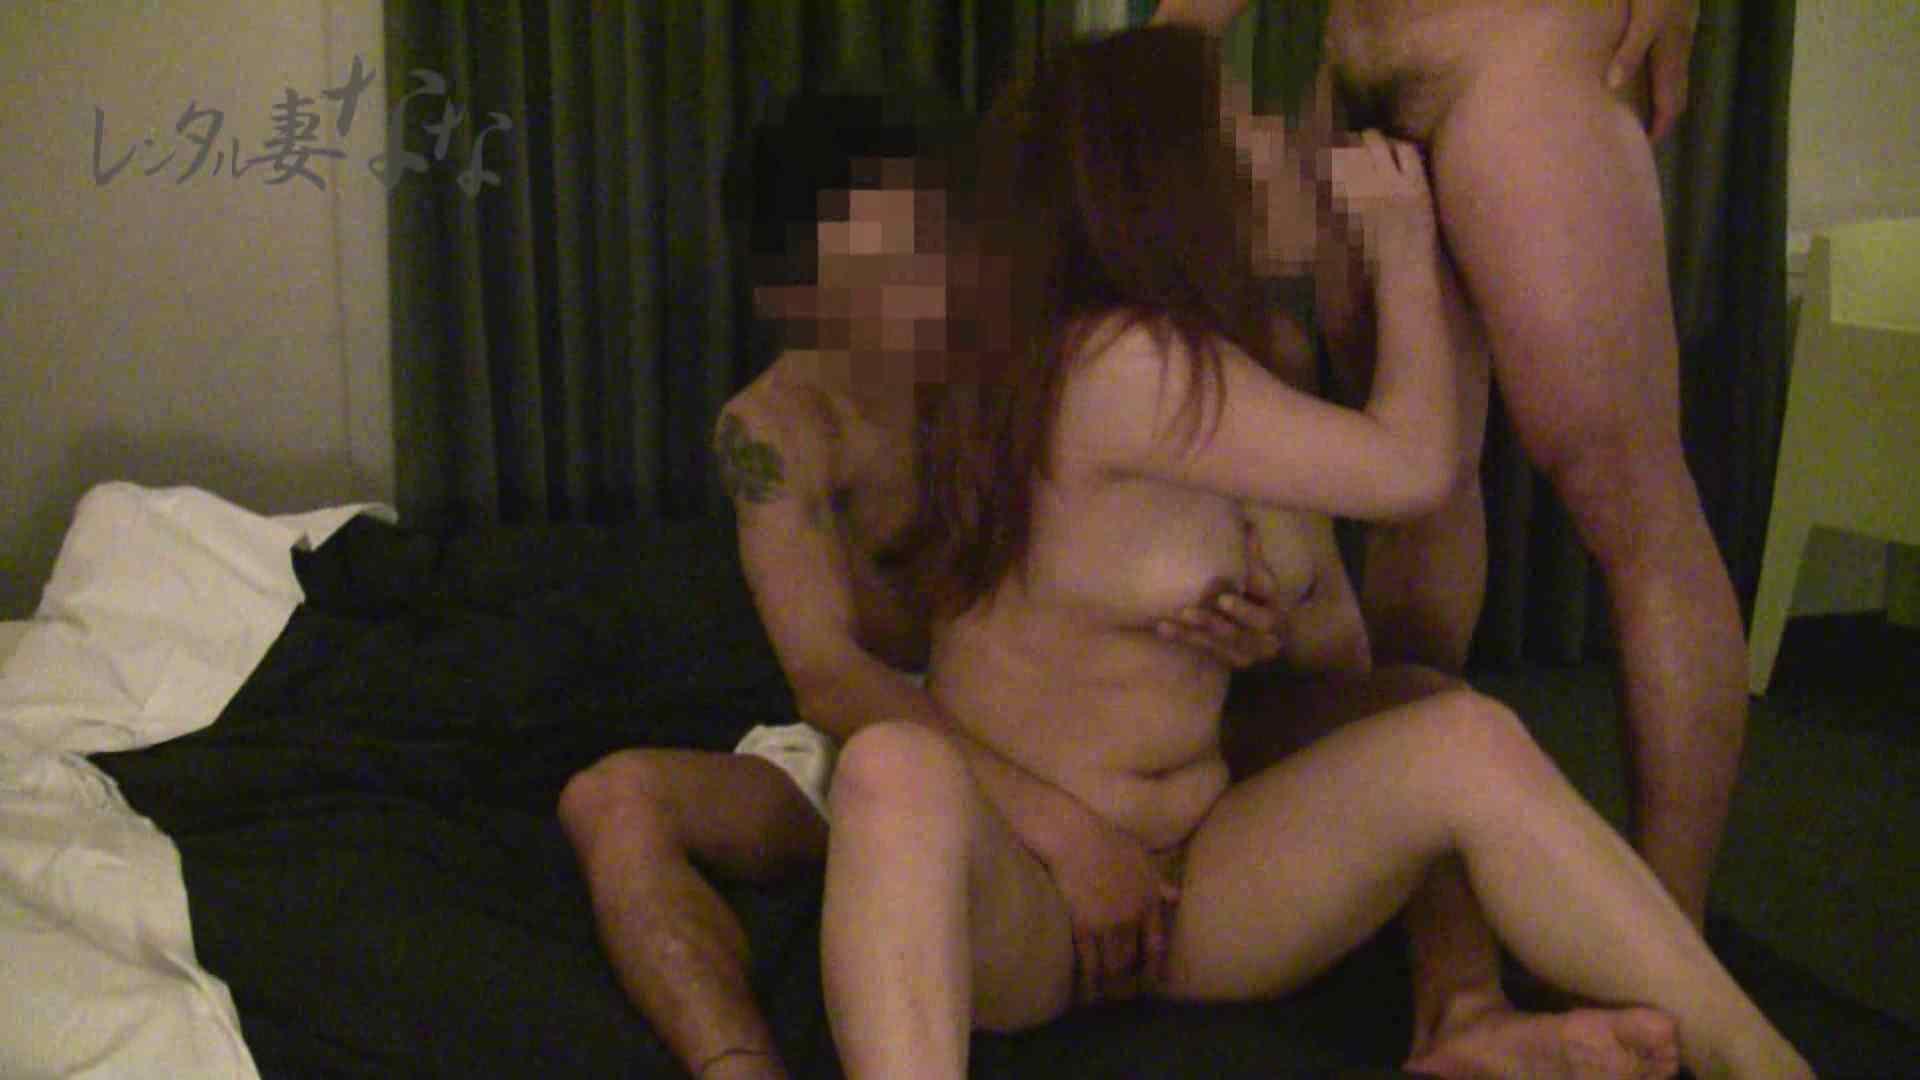 レンタル妻ななのお友達vol.2 セックス映像 おめこ無修正動画無料 99pic 18